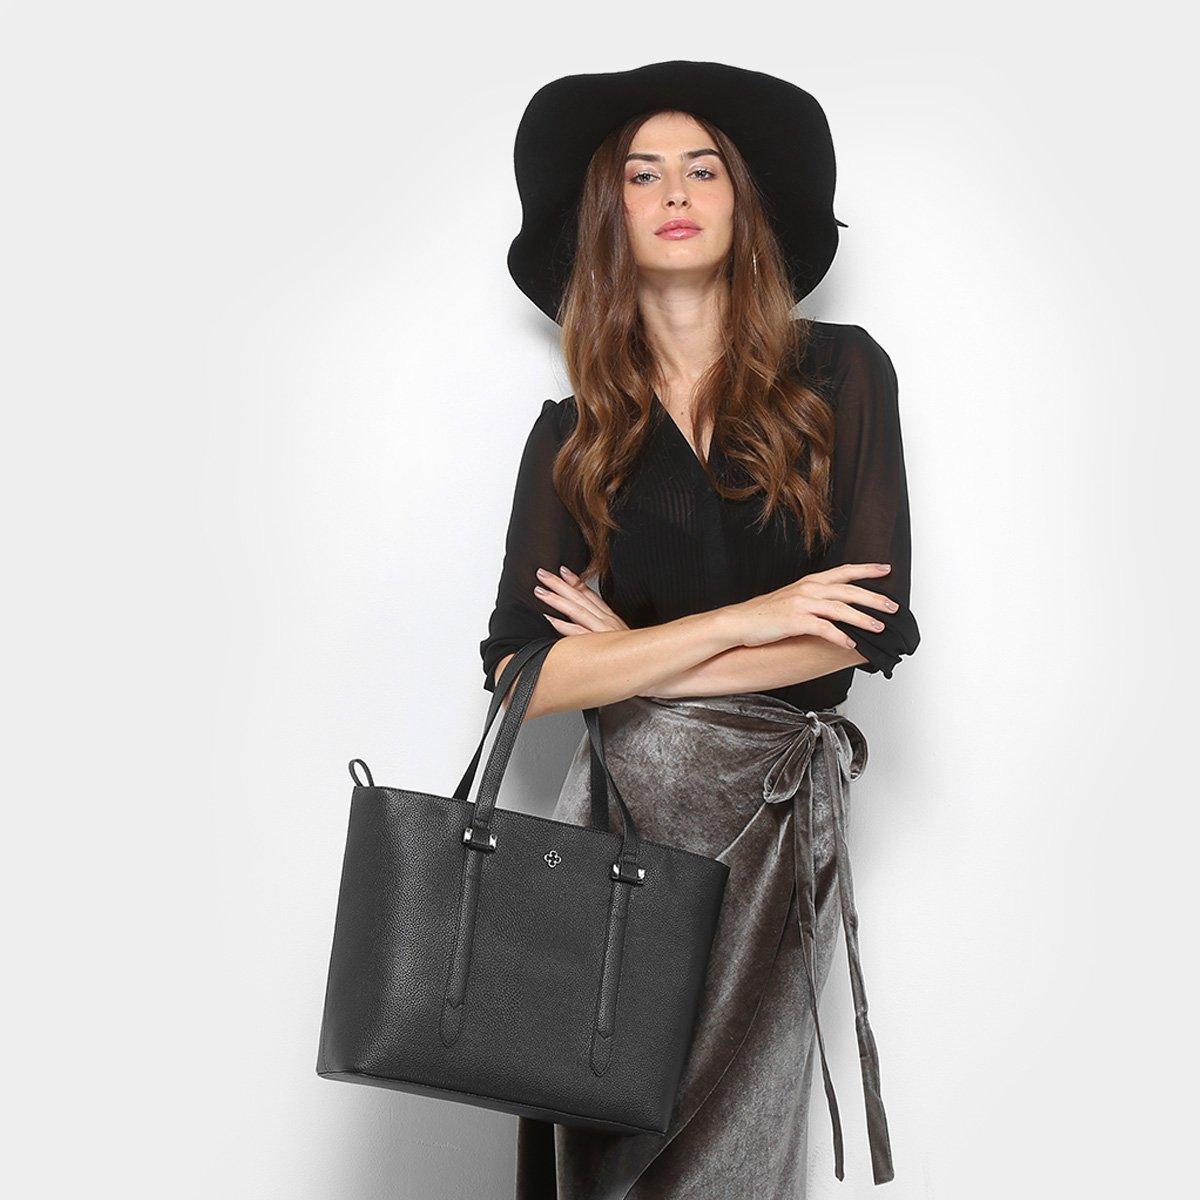 Bolsa Capodarte Shopper Preto Shopper Feminina Bolsa Capodarte Soft Relax RqnSS5Tp4